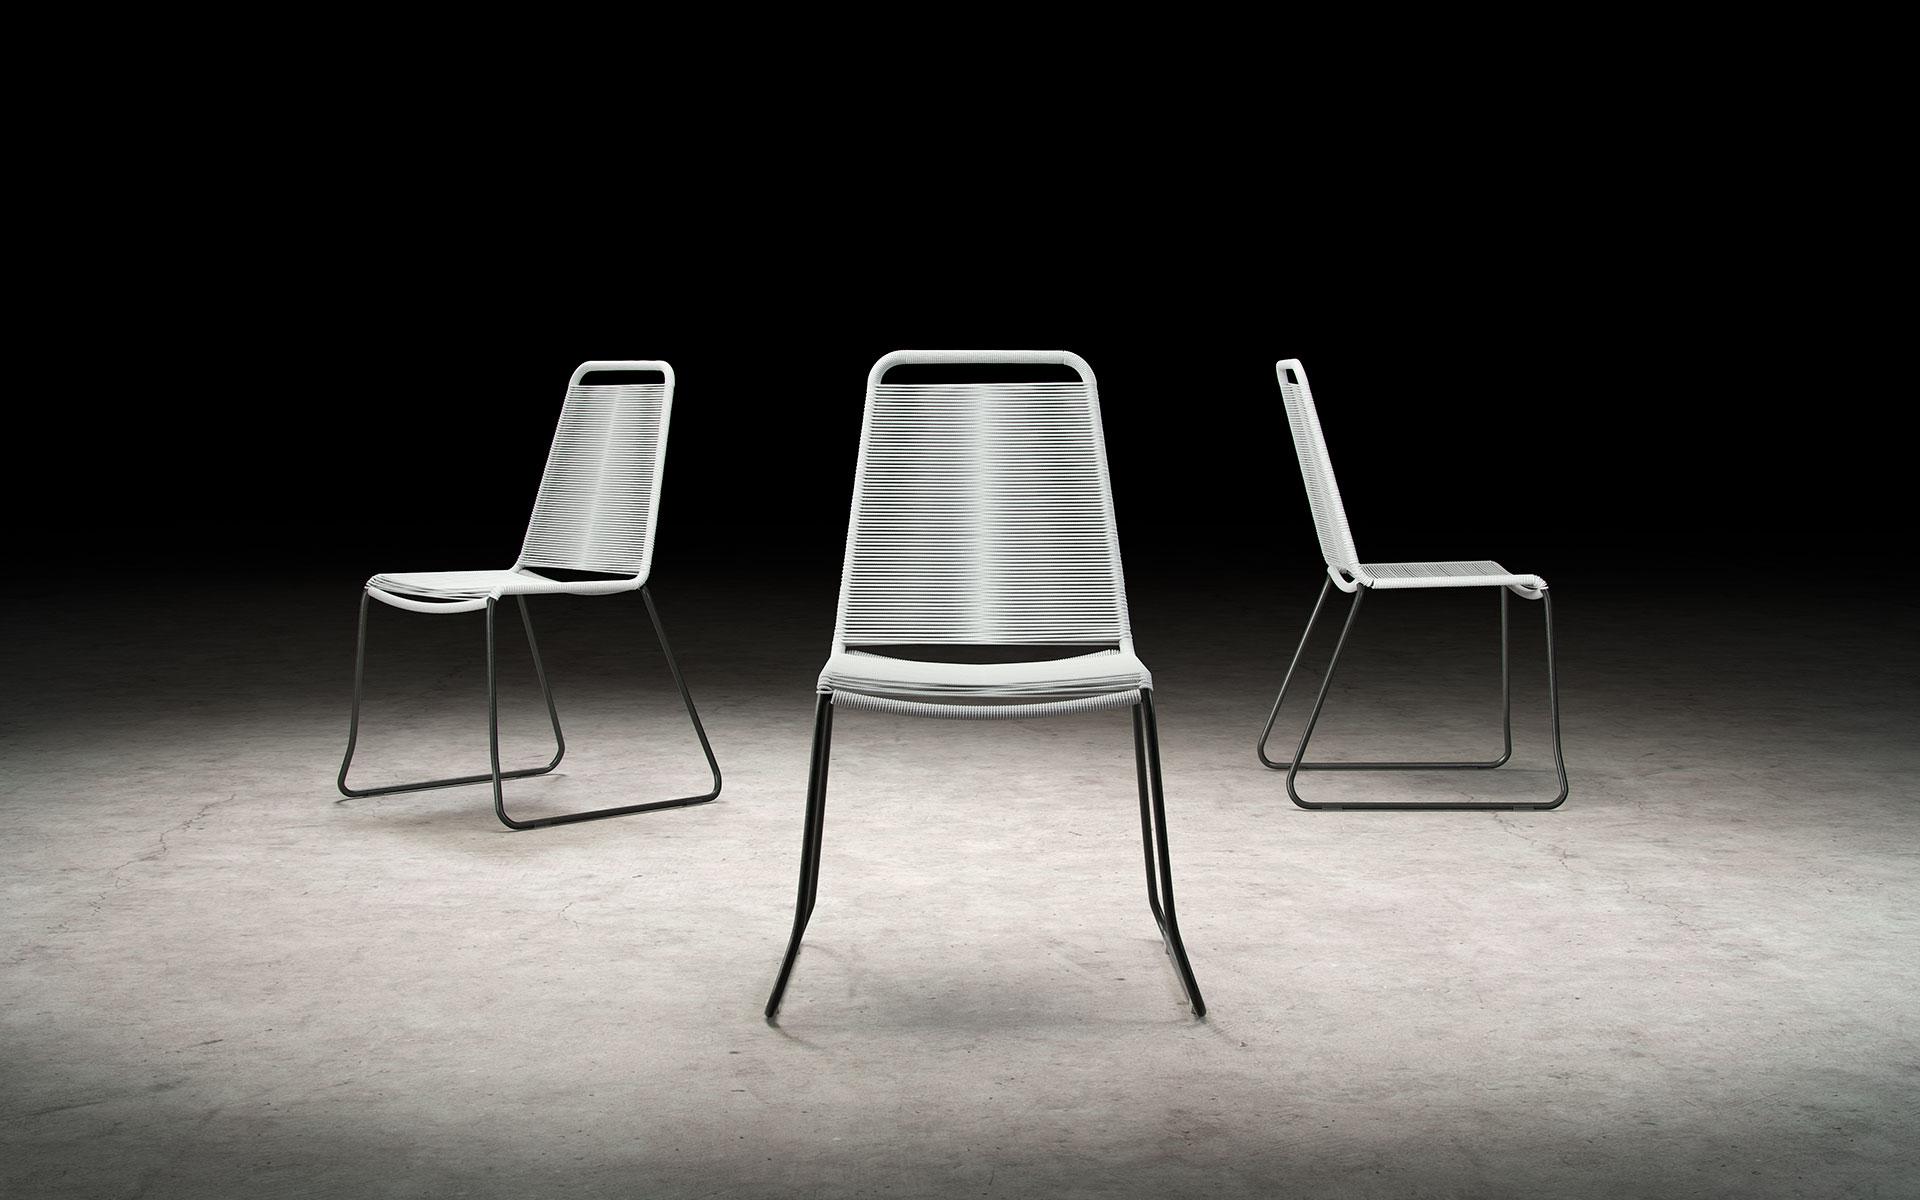 Merveilleux Bimmaloft_dining_chairs_barclay_10. Bimmaloft_dining_chairs_barclay_1.  Bimmaloft_dining_chairs_barclay_2. Bimmaloft_dining_chairs_barclay_3